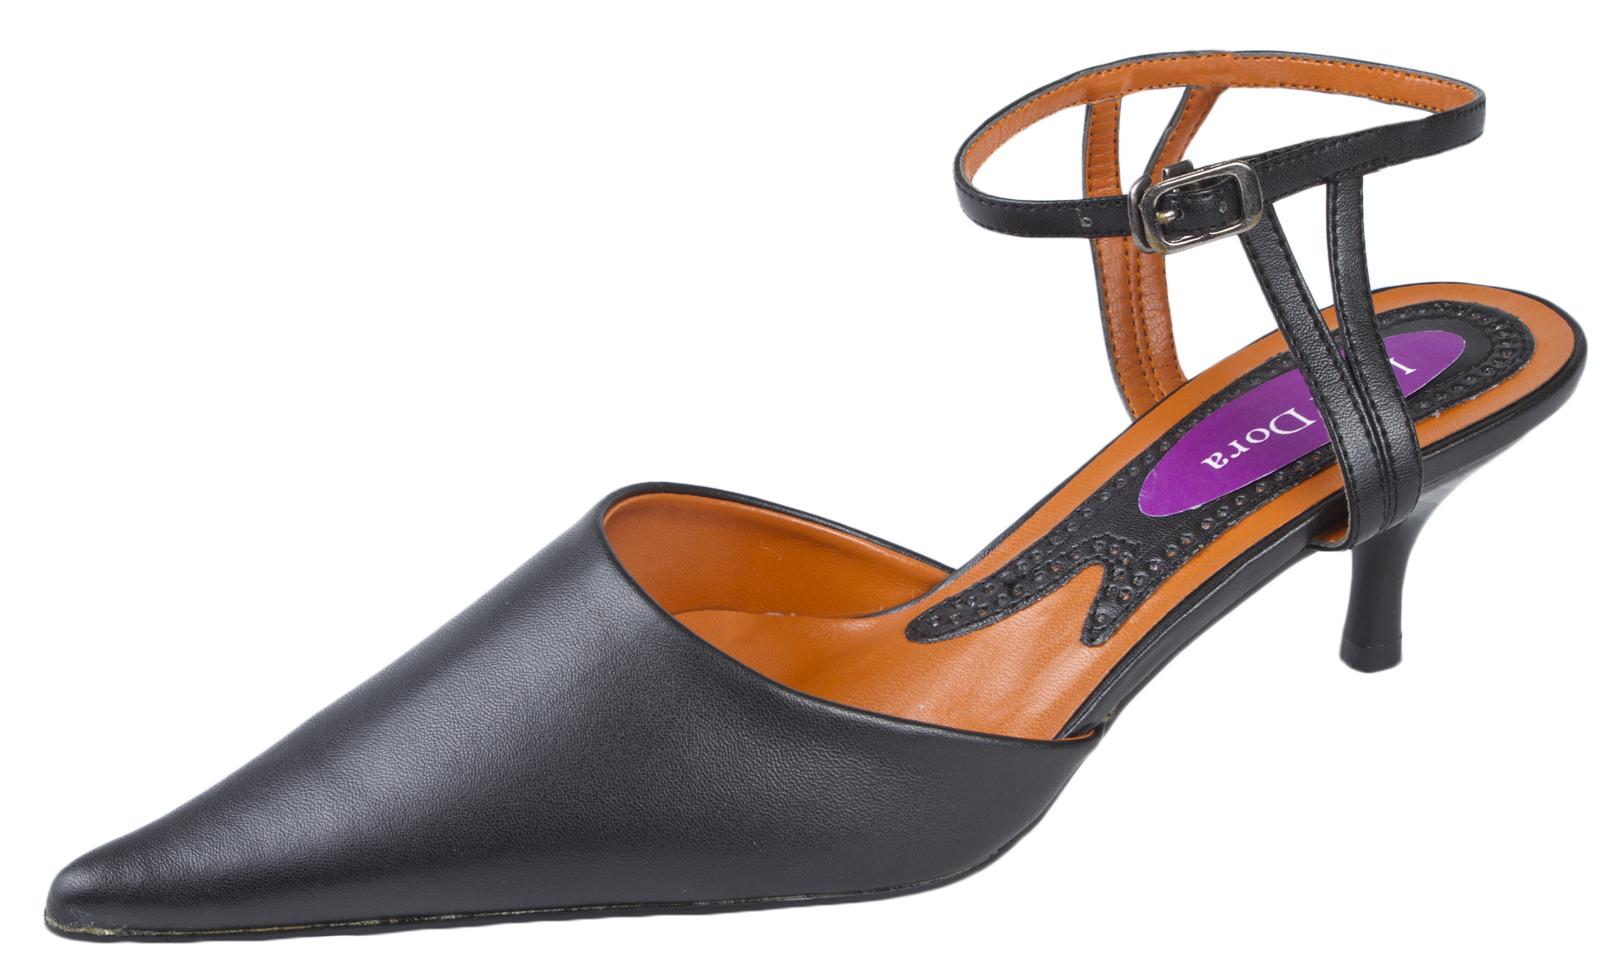 Black Suede Stiletto Court Shoes